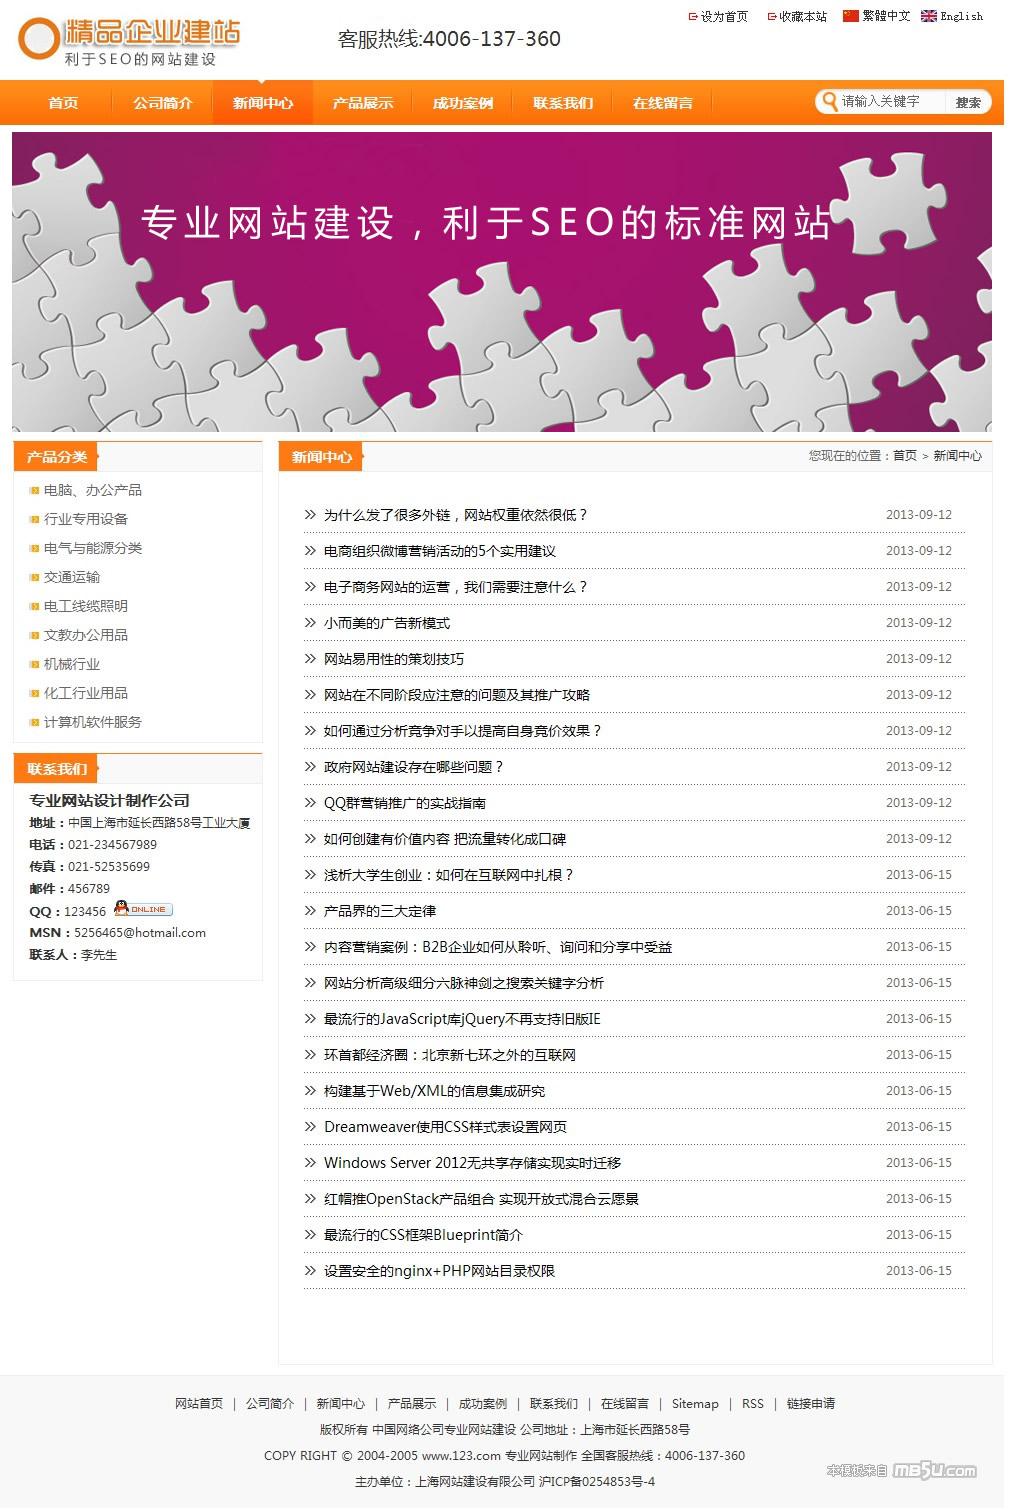 帝国cms橙色企业网站模板